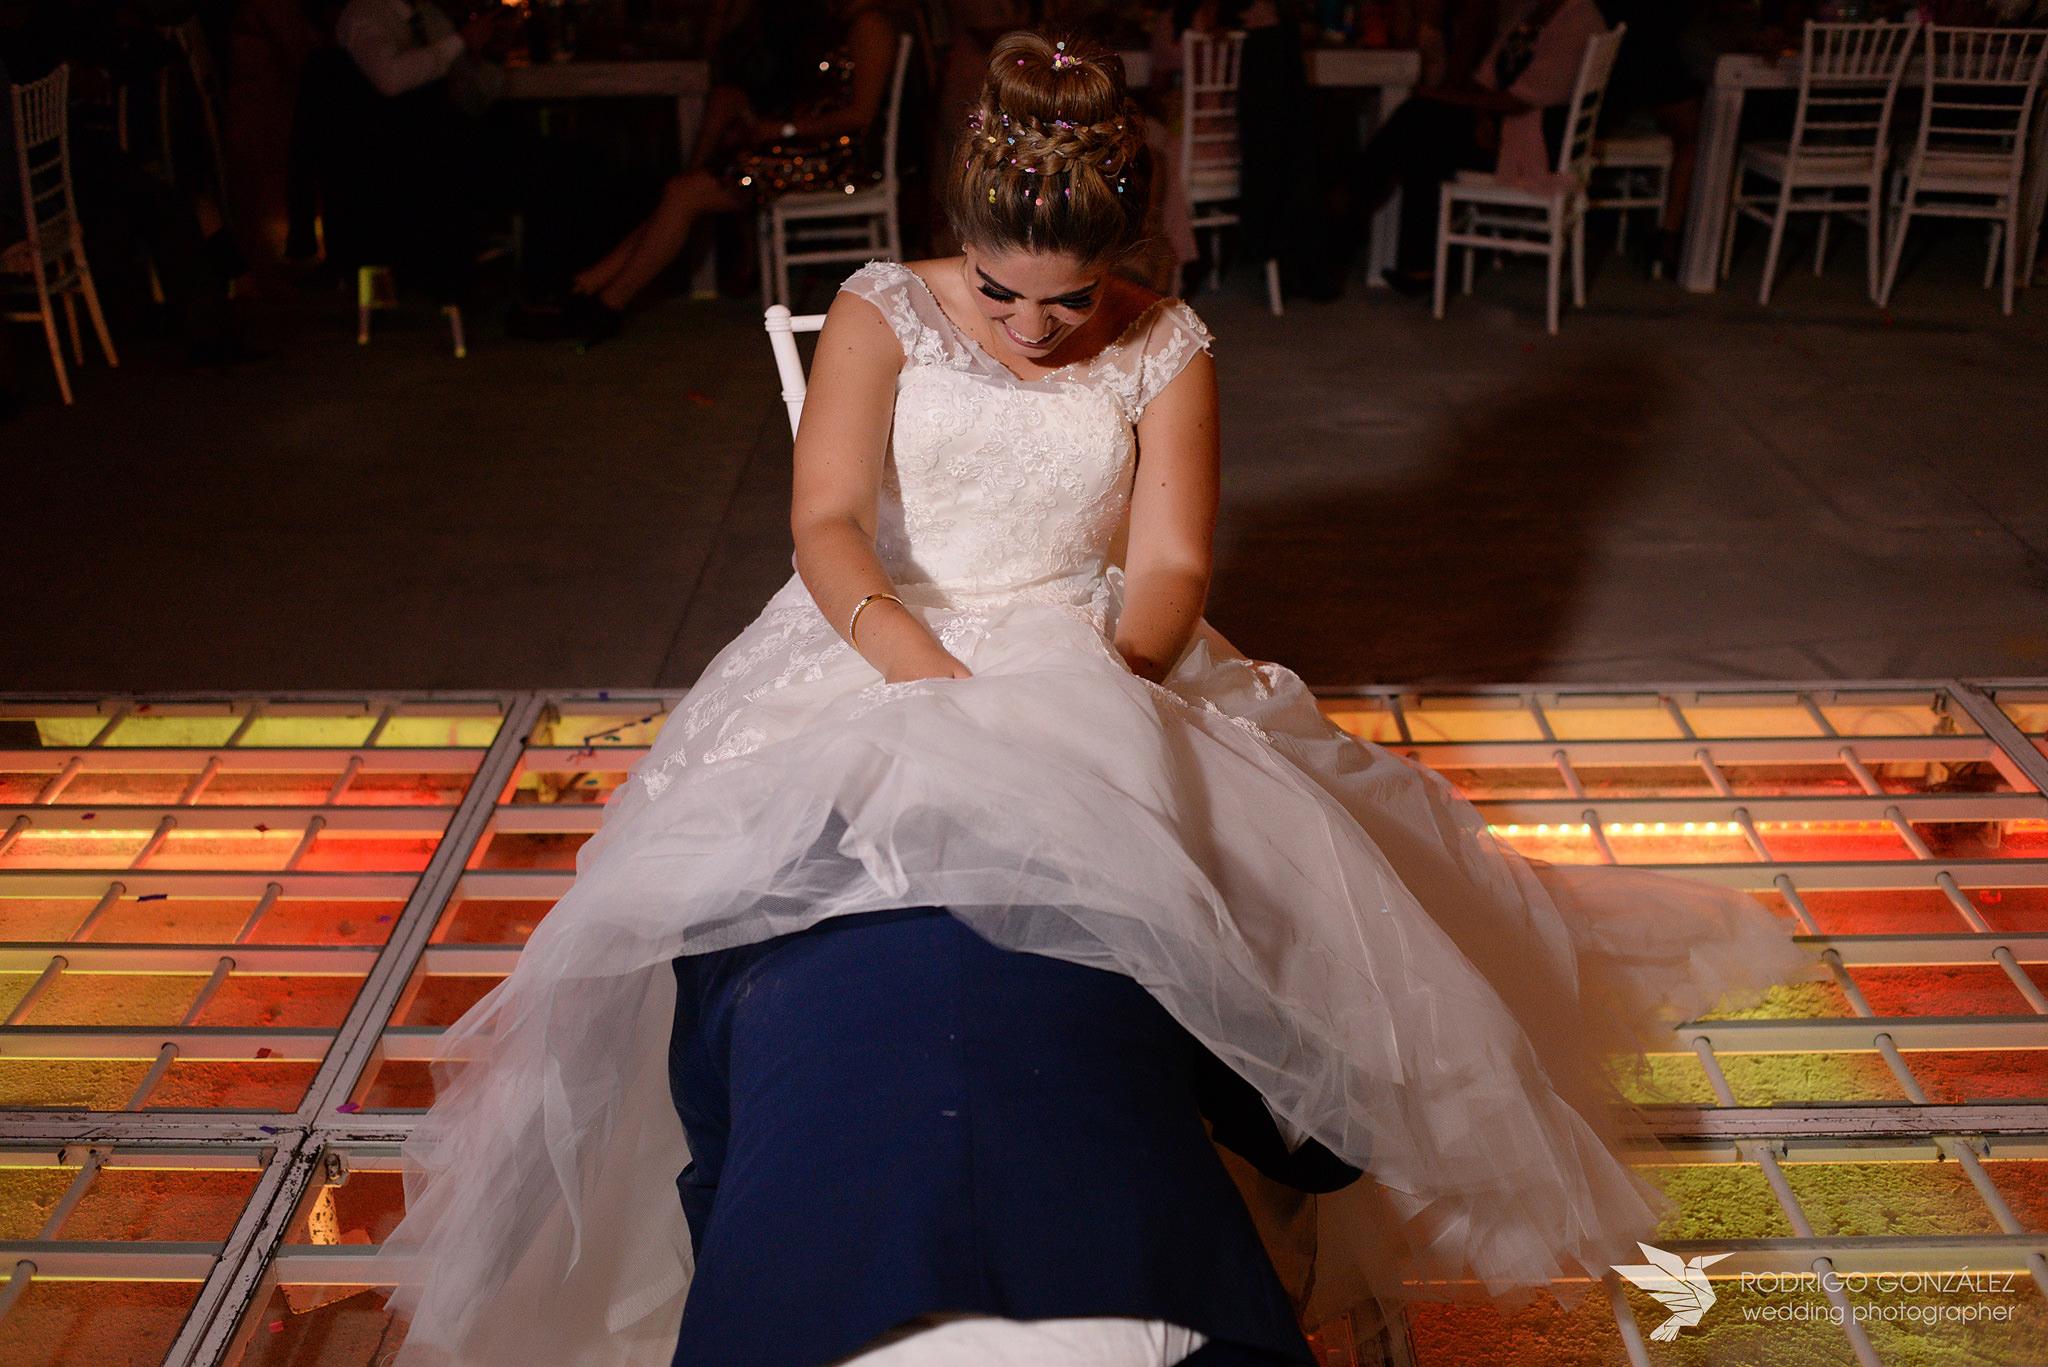 fotografos-de-bodas-en-puebla-1056